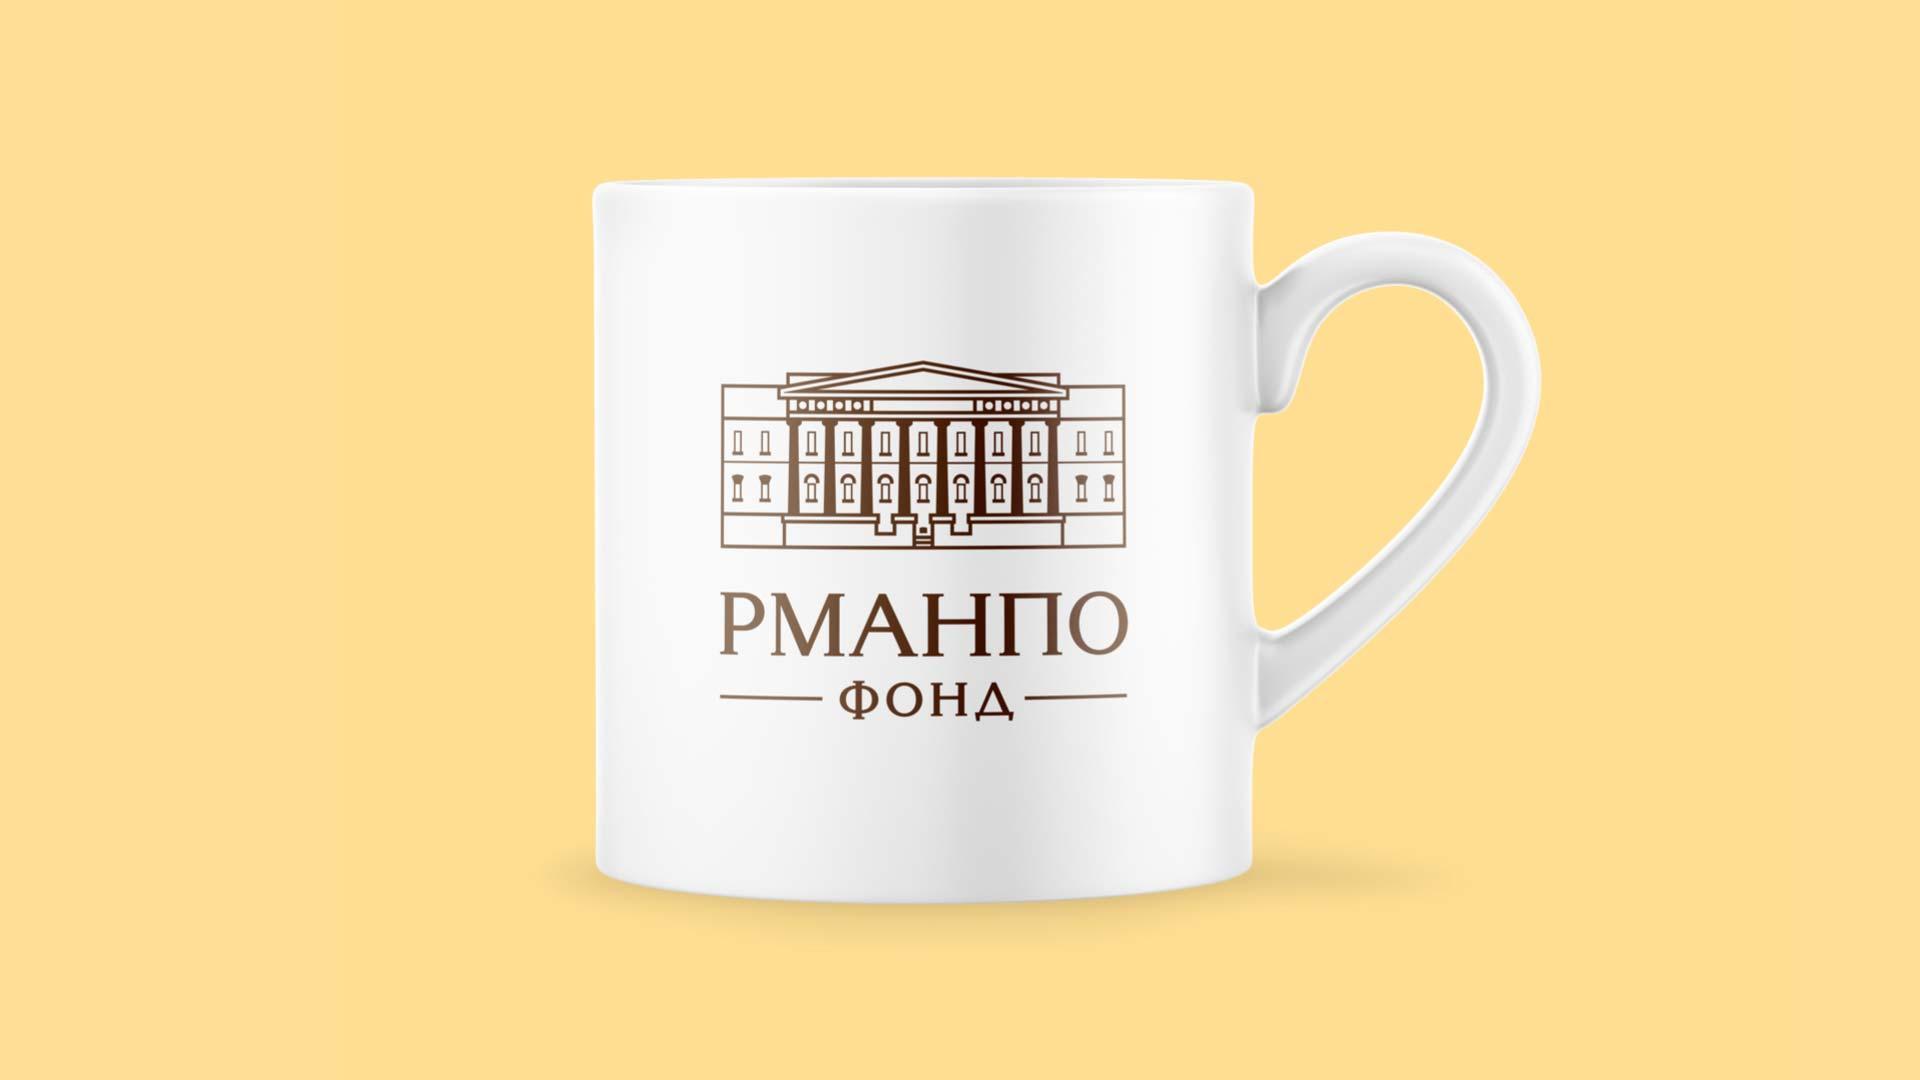 Разработка логотипа РМАНПО ФОНД - чашка